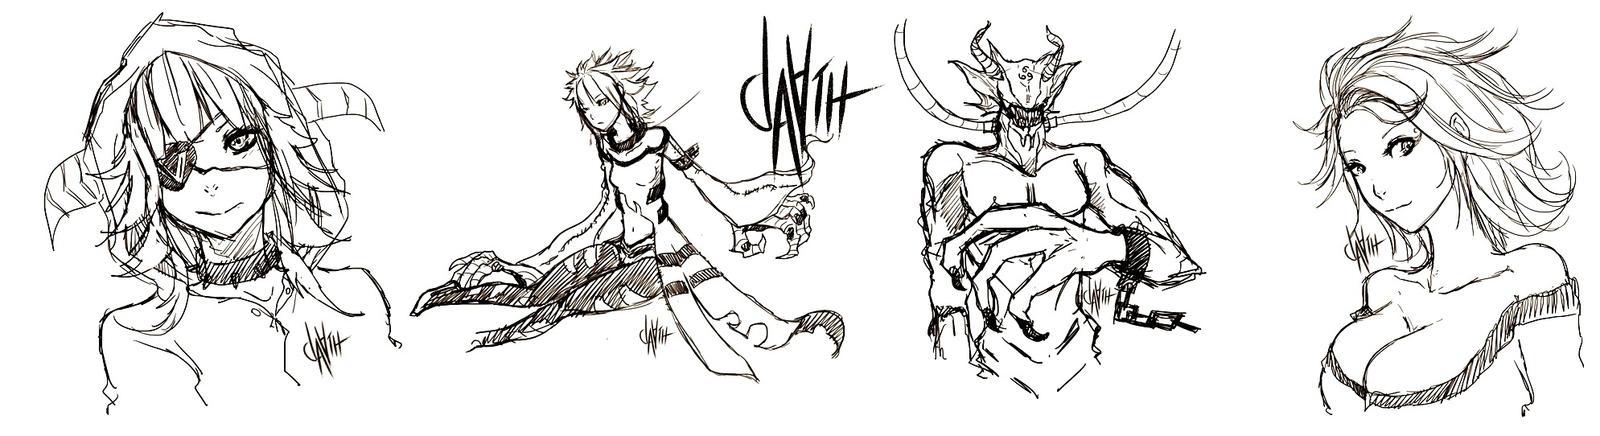 Sketches by da2th